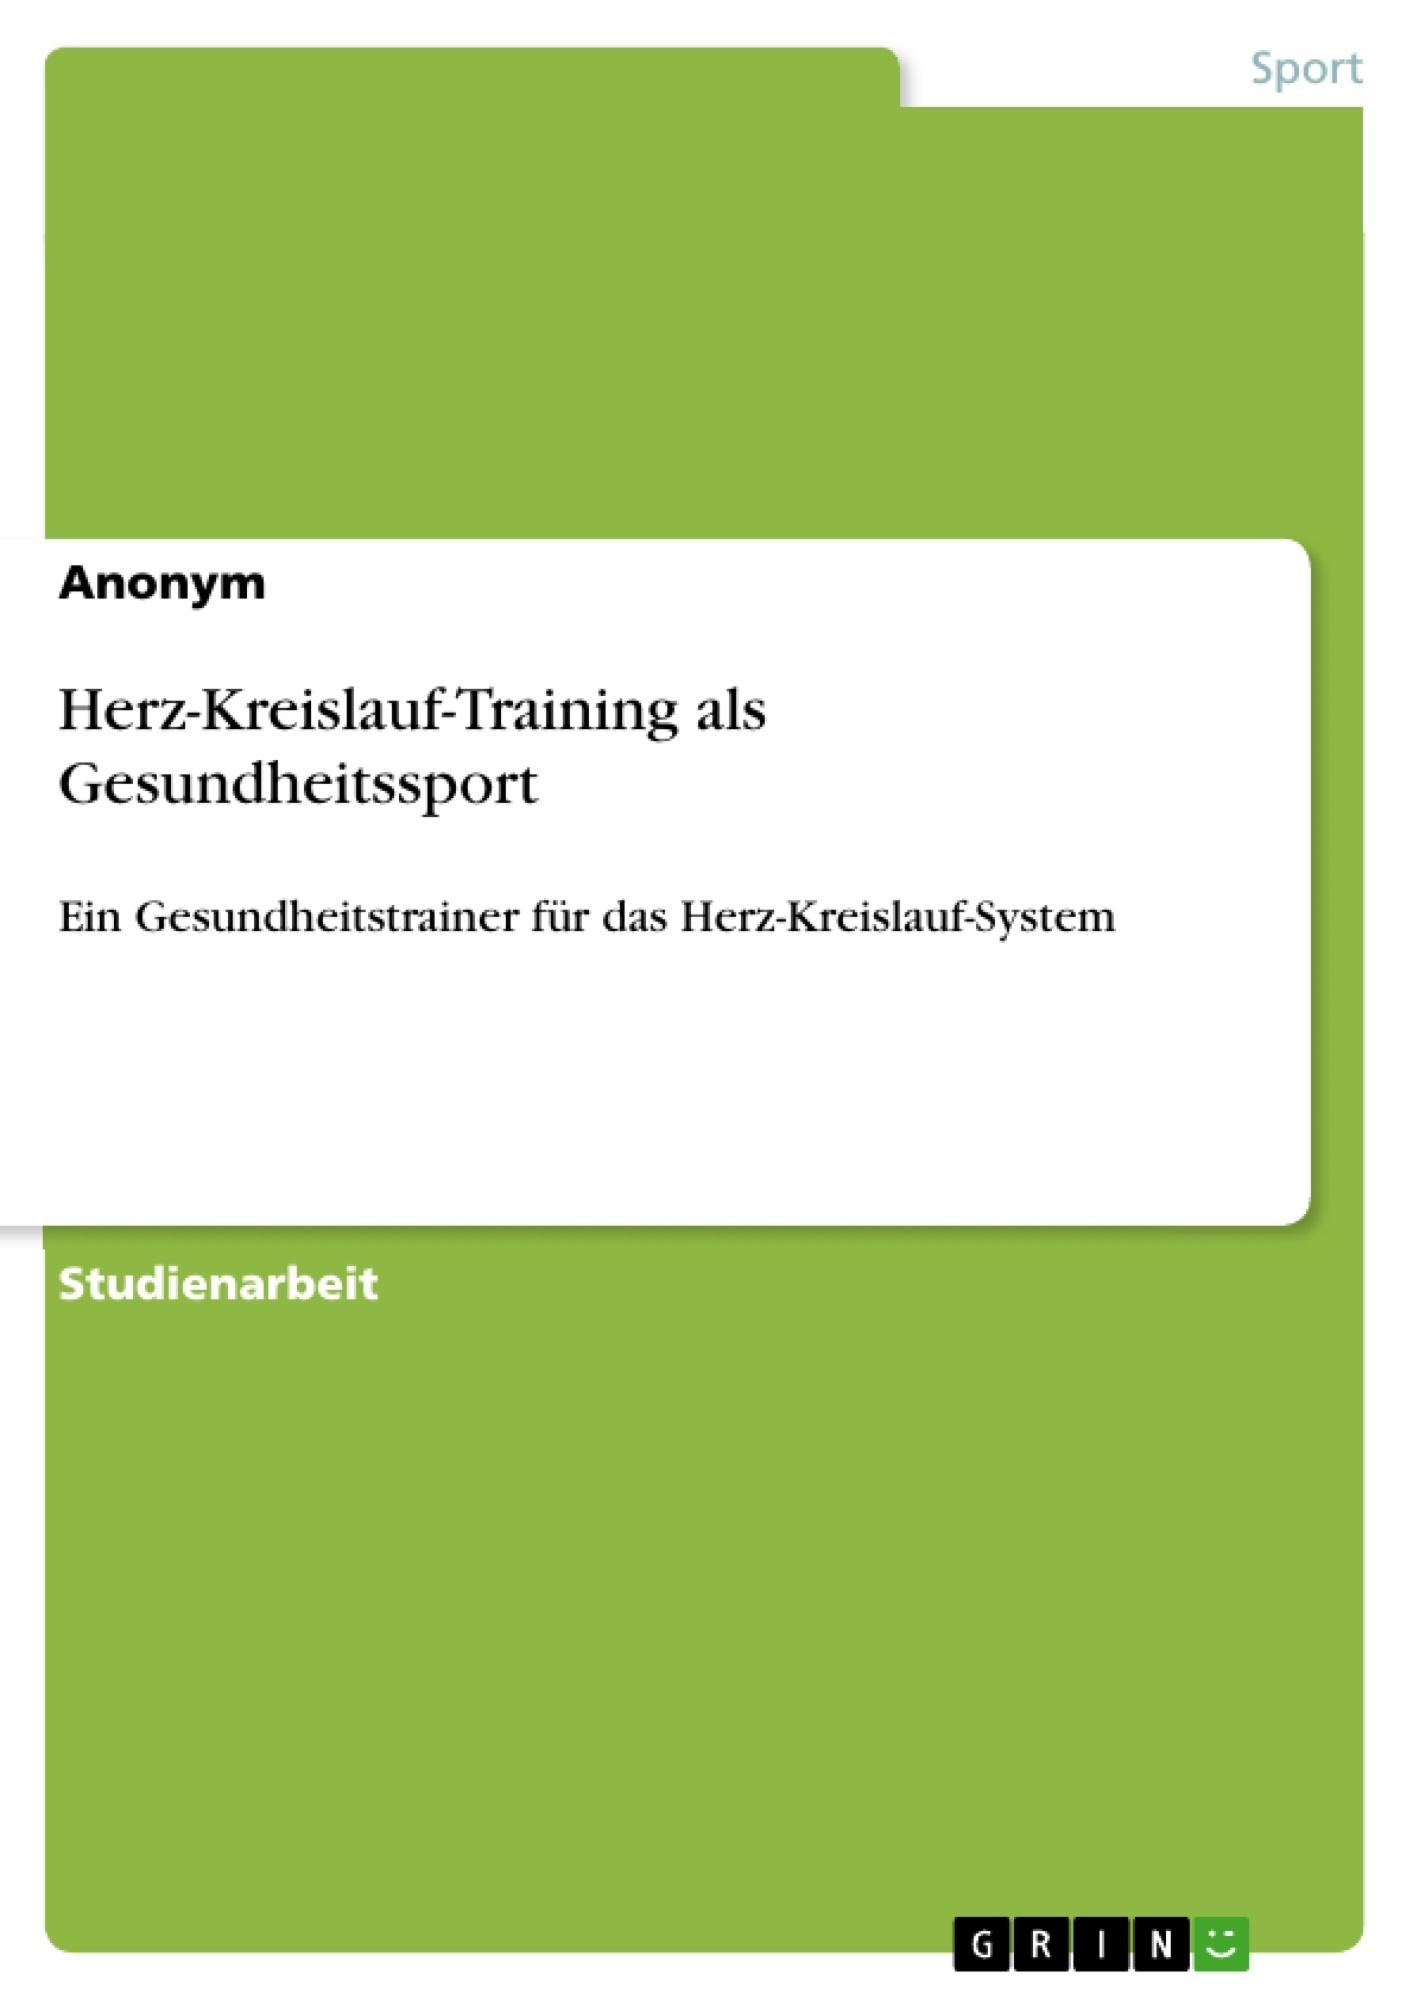 Titel: Herz-Kreislauf-Training als Gesundheitssport